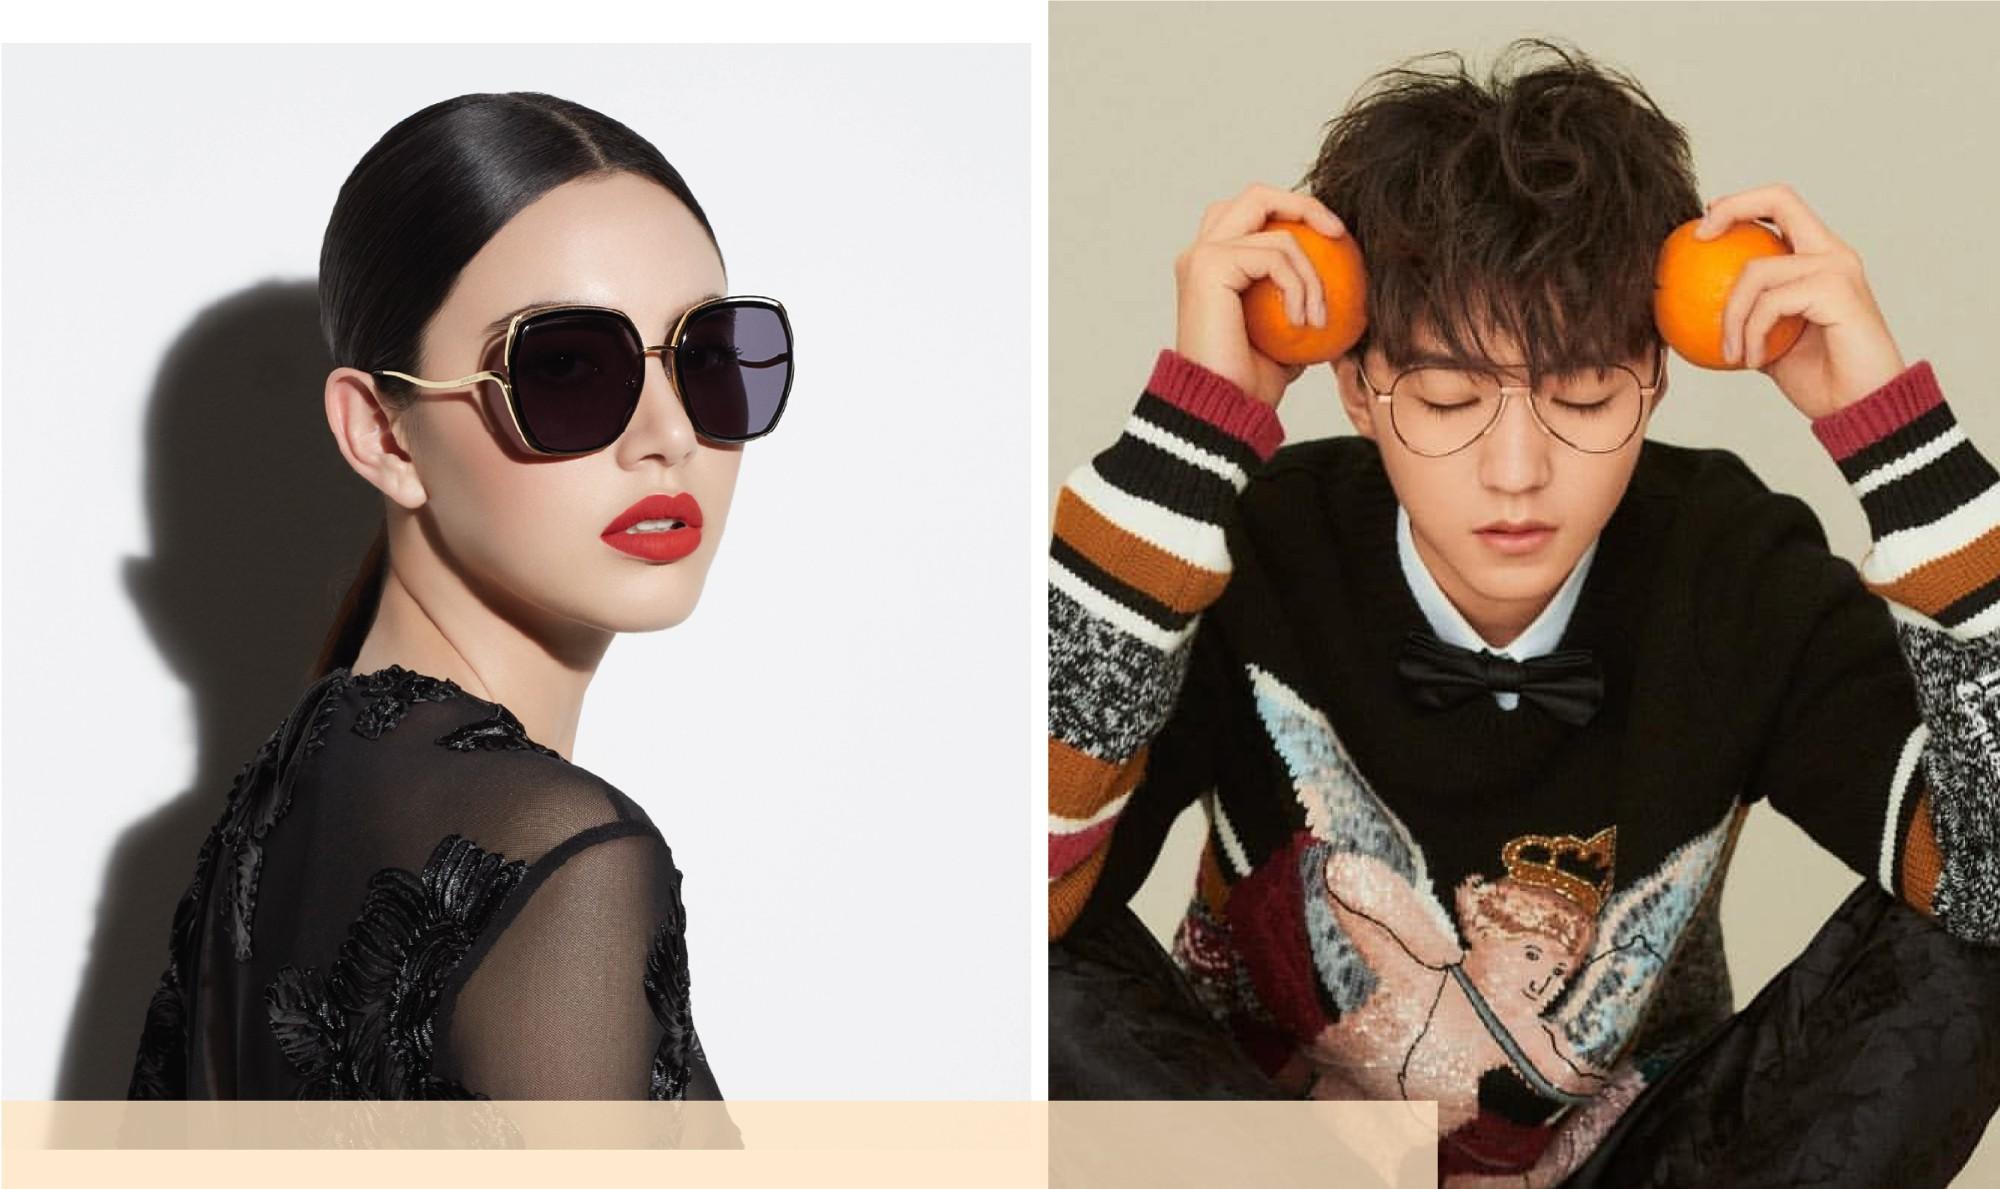 Màn comeback của thương hiệu kính mắt nổi tiếng thế giới được các sao quốc tế đón chào - Ảnh 3.